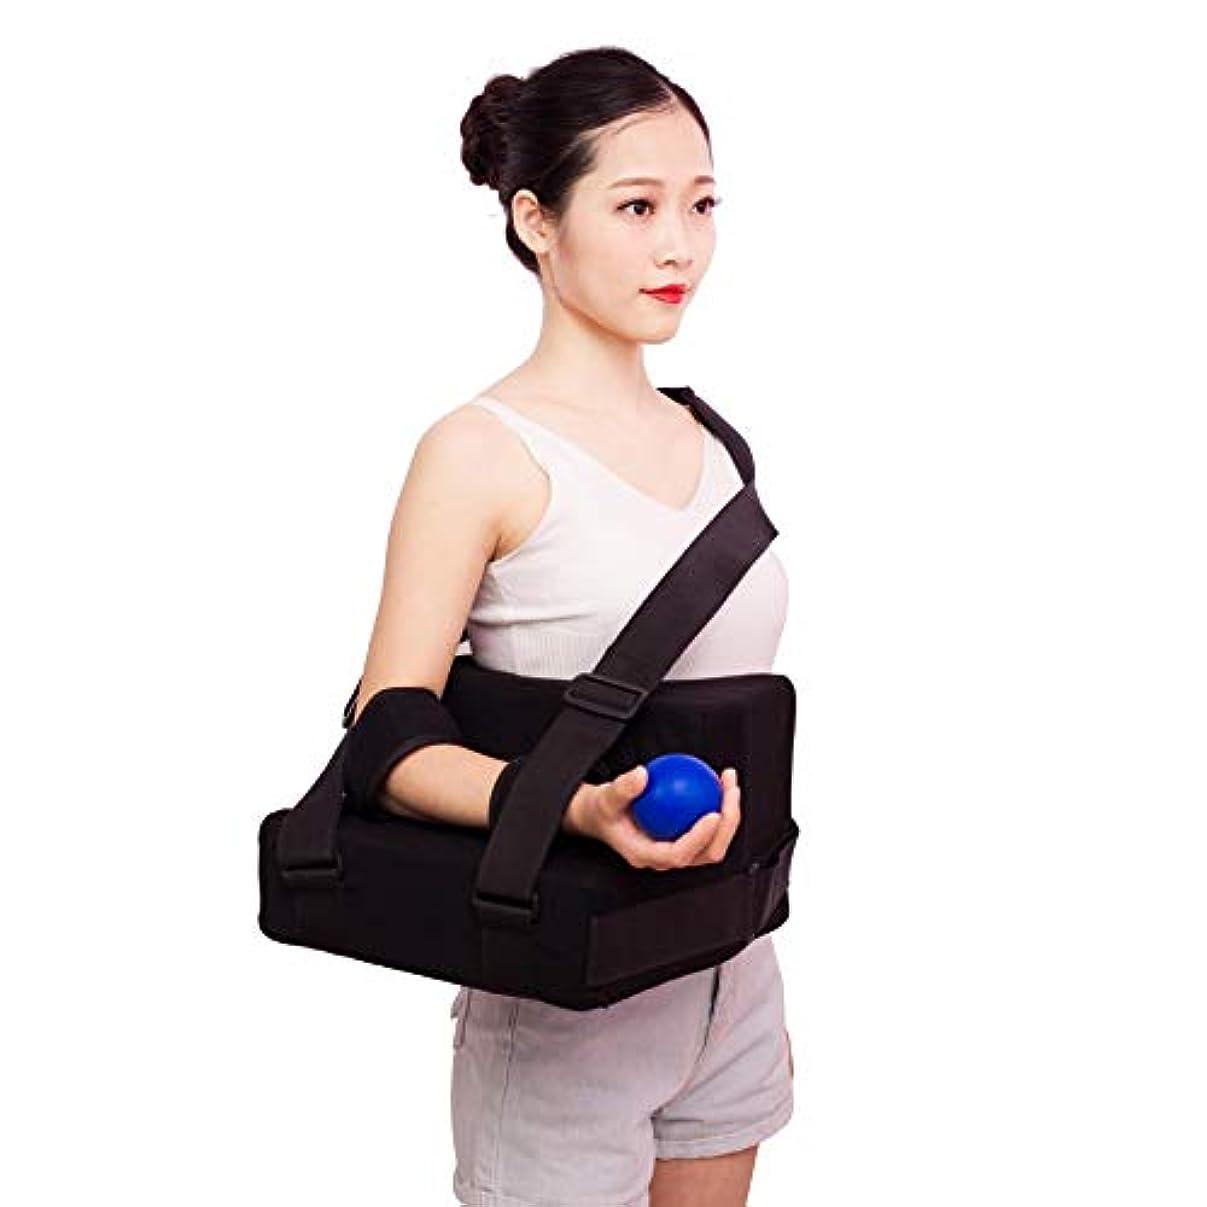 品揃え数パラメータ枕付き肩外転スリング、肩アームイモビライザーには、ポケットストラップ、回旋腱板用のストレスボール、手術および骨折した腕が含まれます,Left